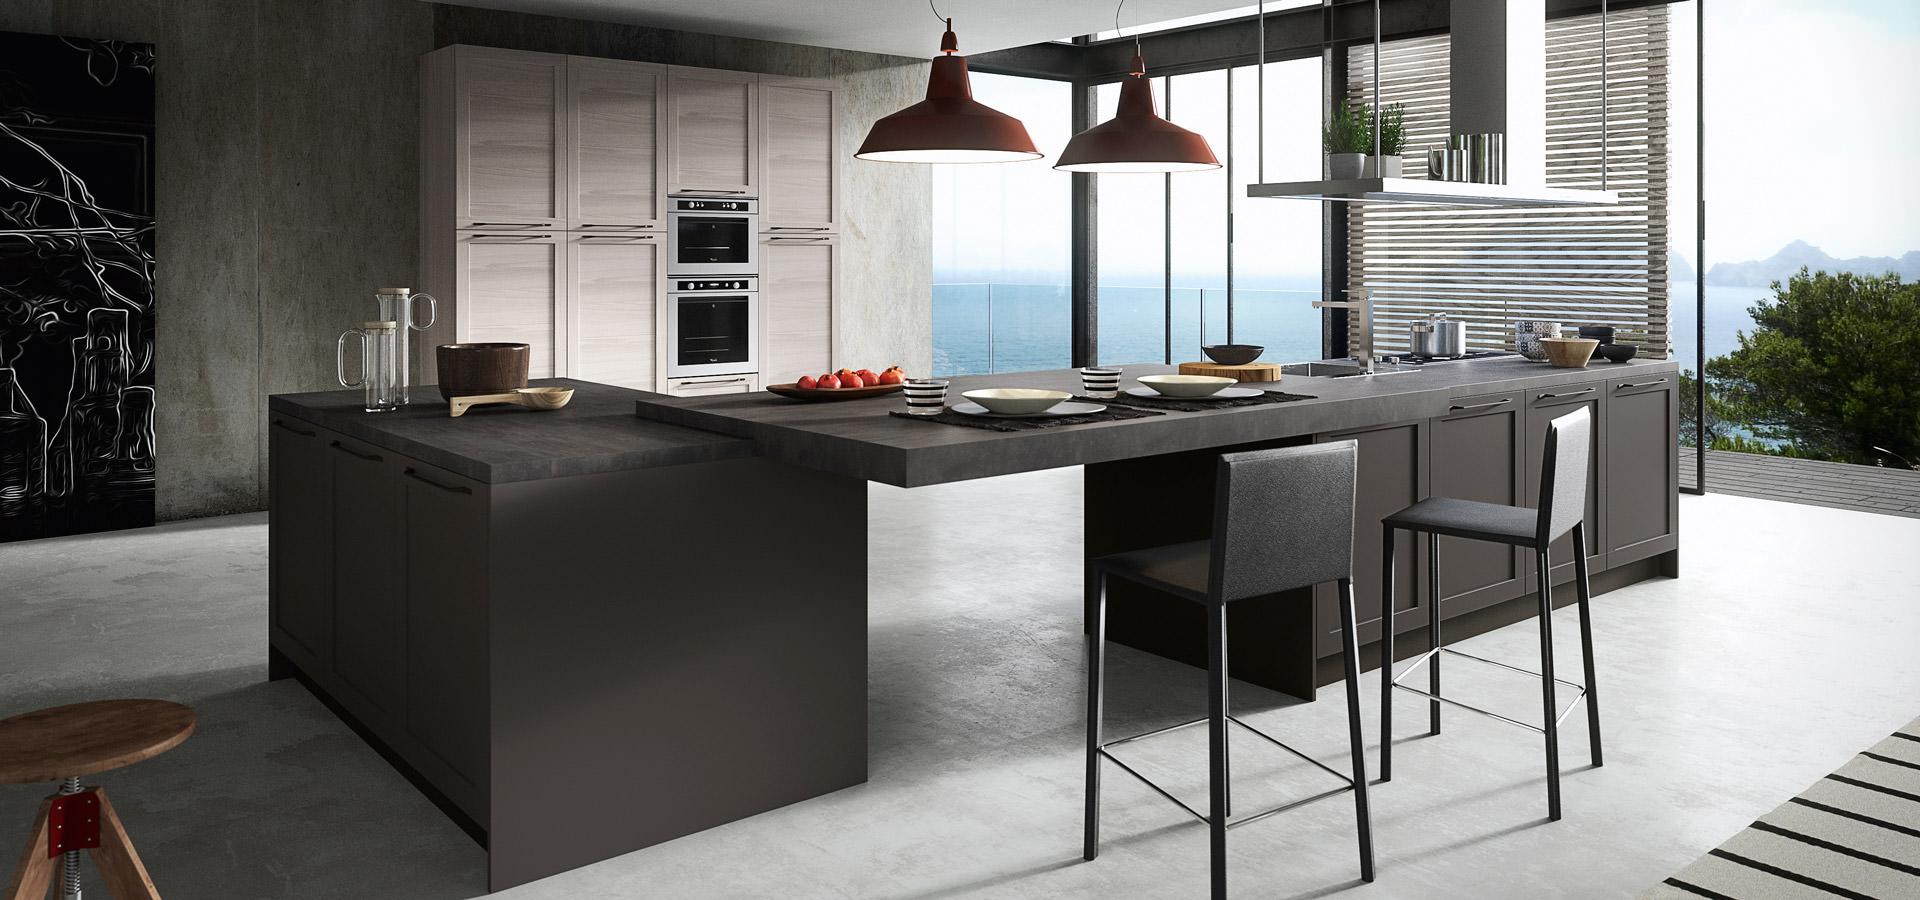 abbastanza Cucine Industriali - FK66